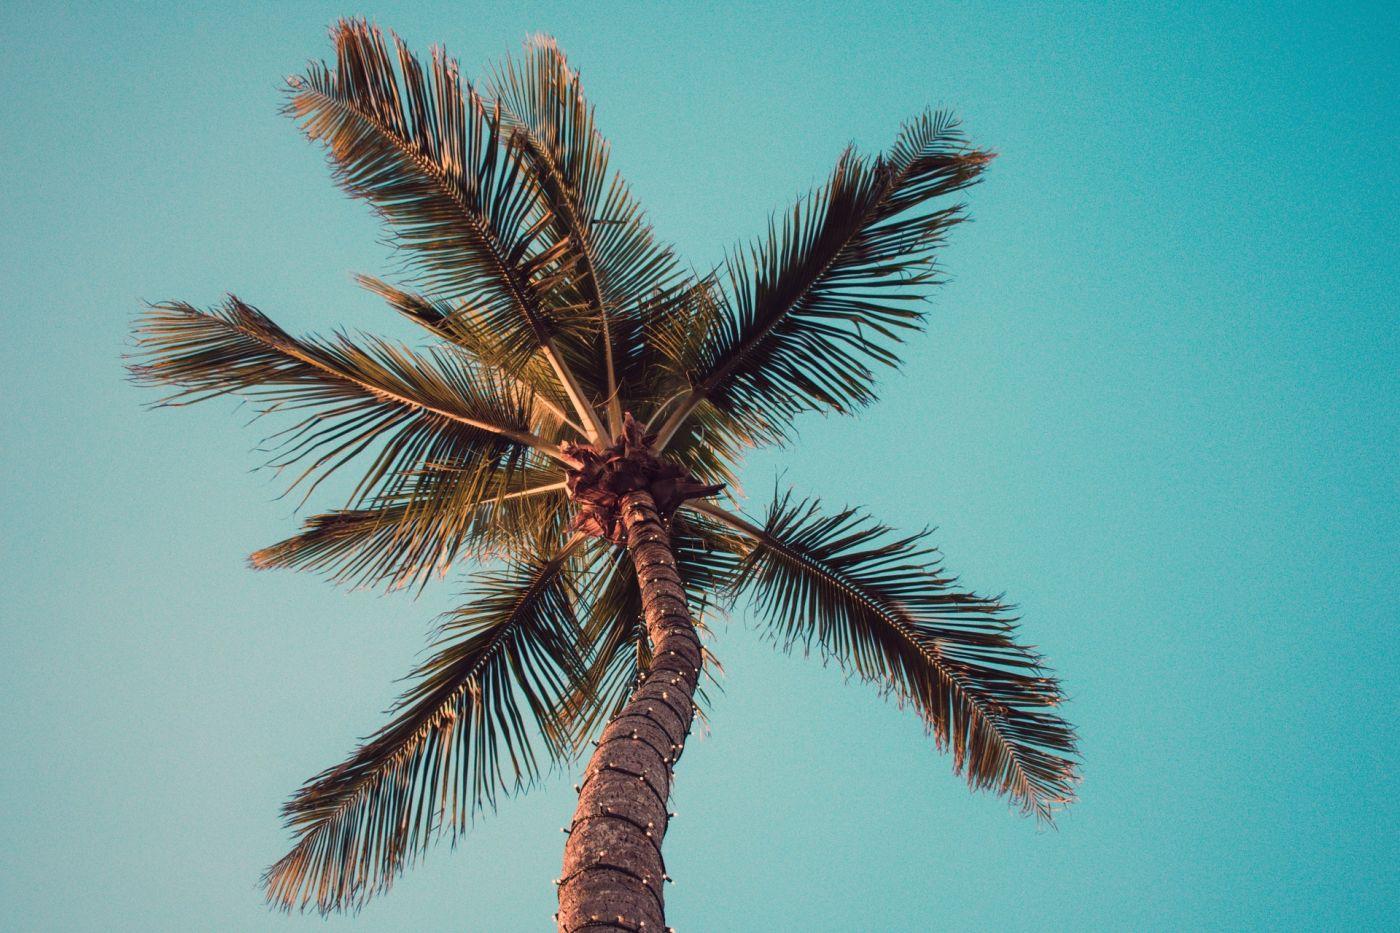 Comment prendre soin de votre palmier [Guide pratique]